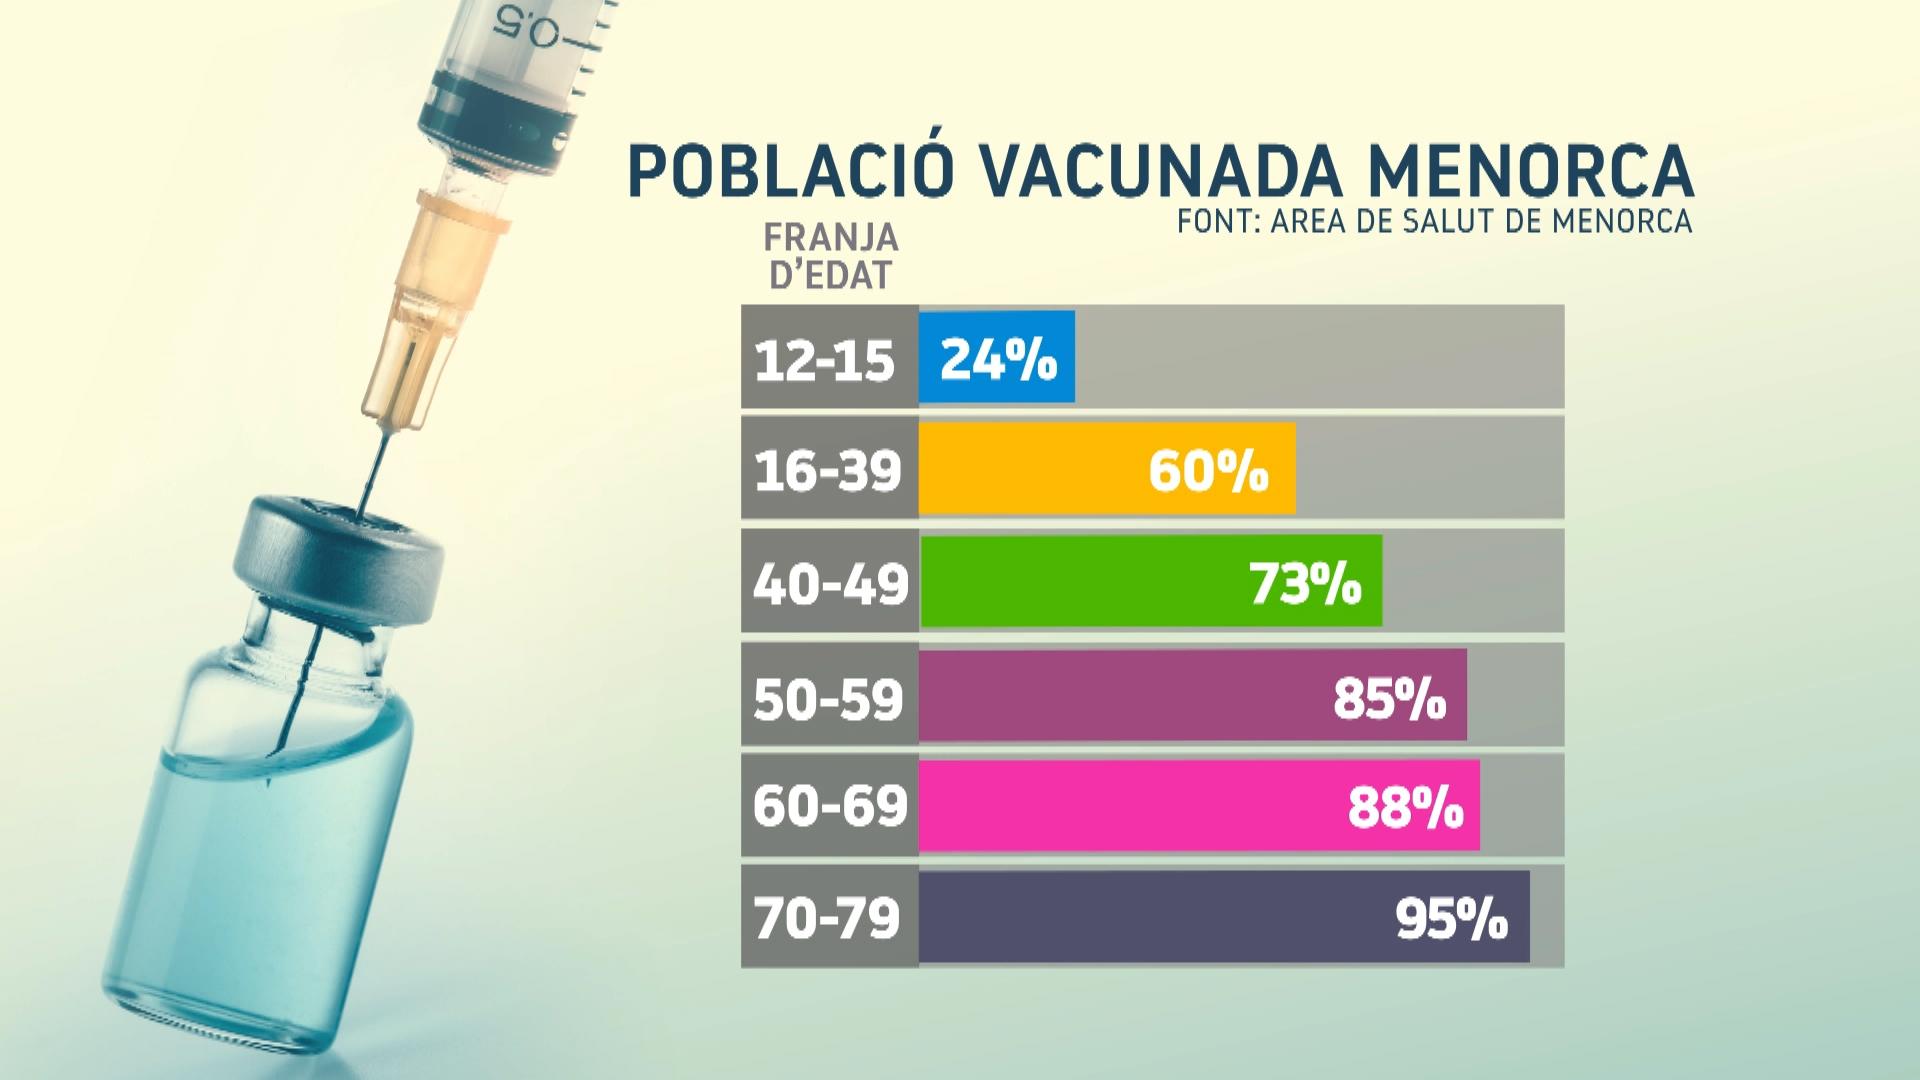 En+4+dies+ja+s%26apos%3Bhan+vacunat+una+quarta+part+dels+joves+menorquins+d%26apos%3Bentre+12+i+15+anys